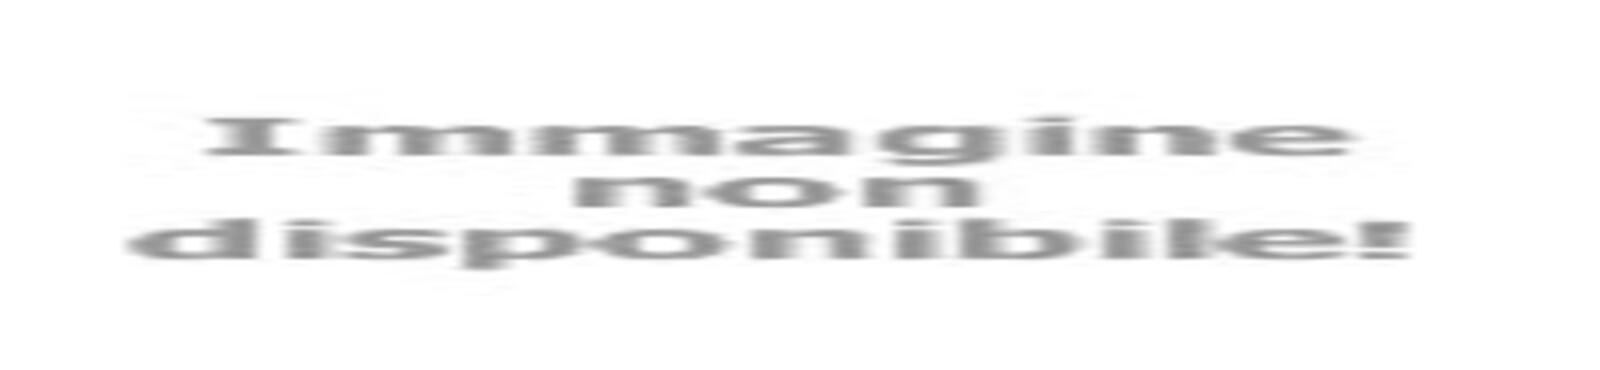 petronianaviaggi it bologna-e-san-domenico-visita-alla-basilica-e-al-convento-v393 002